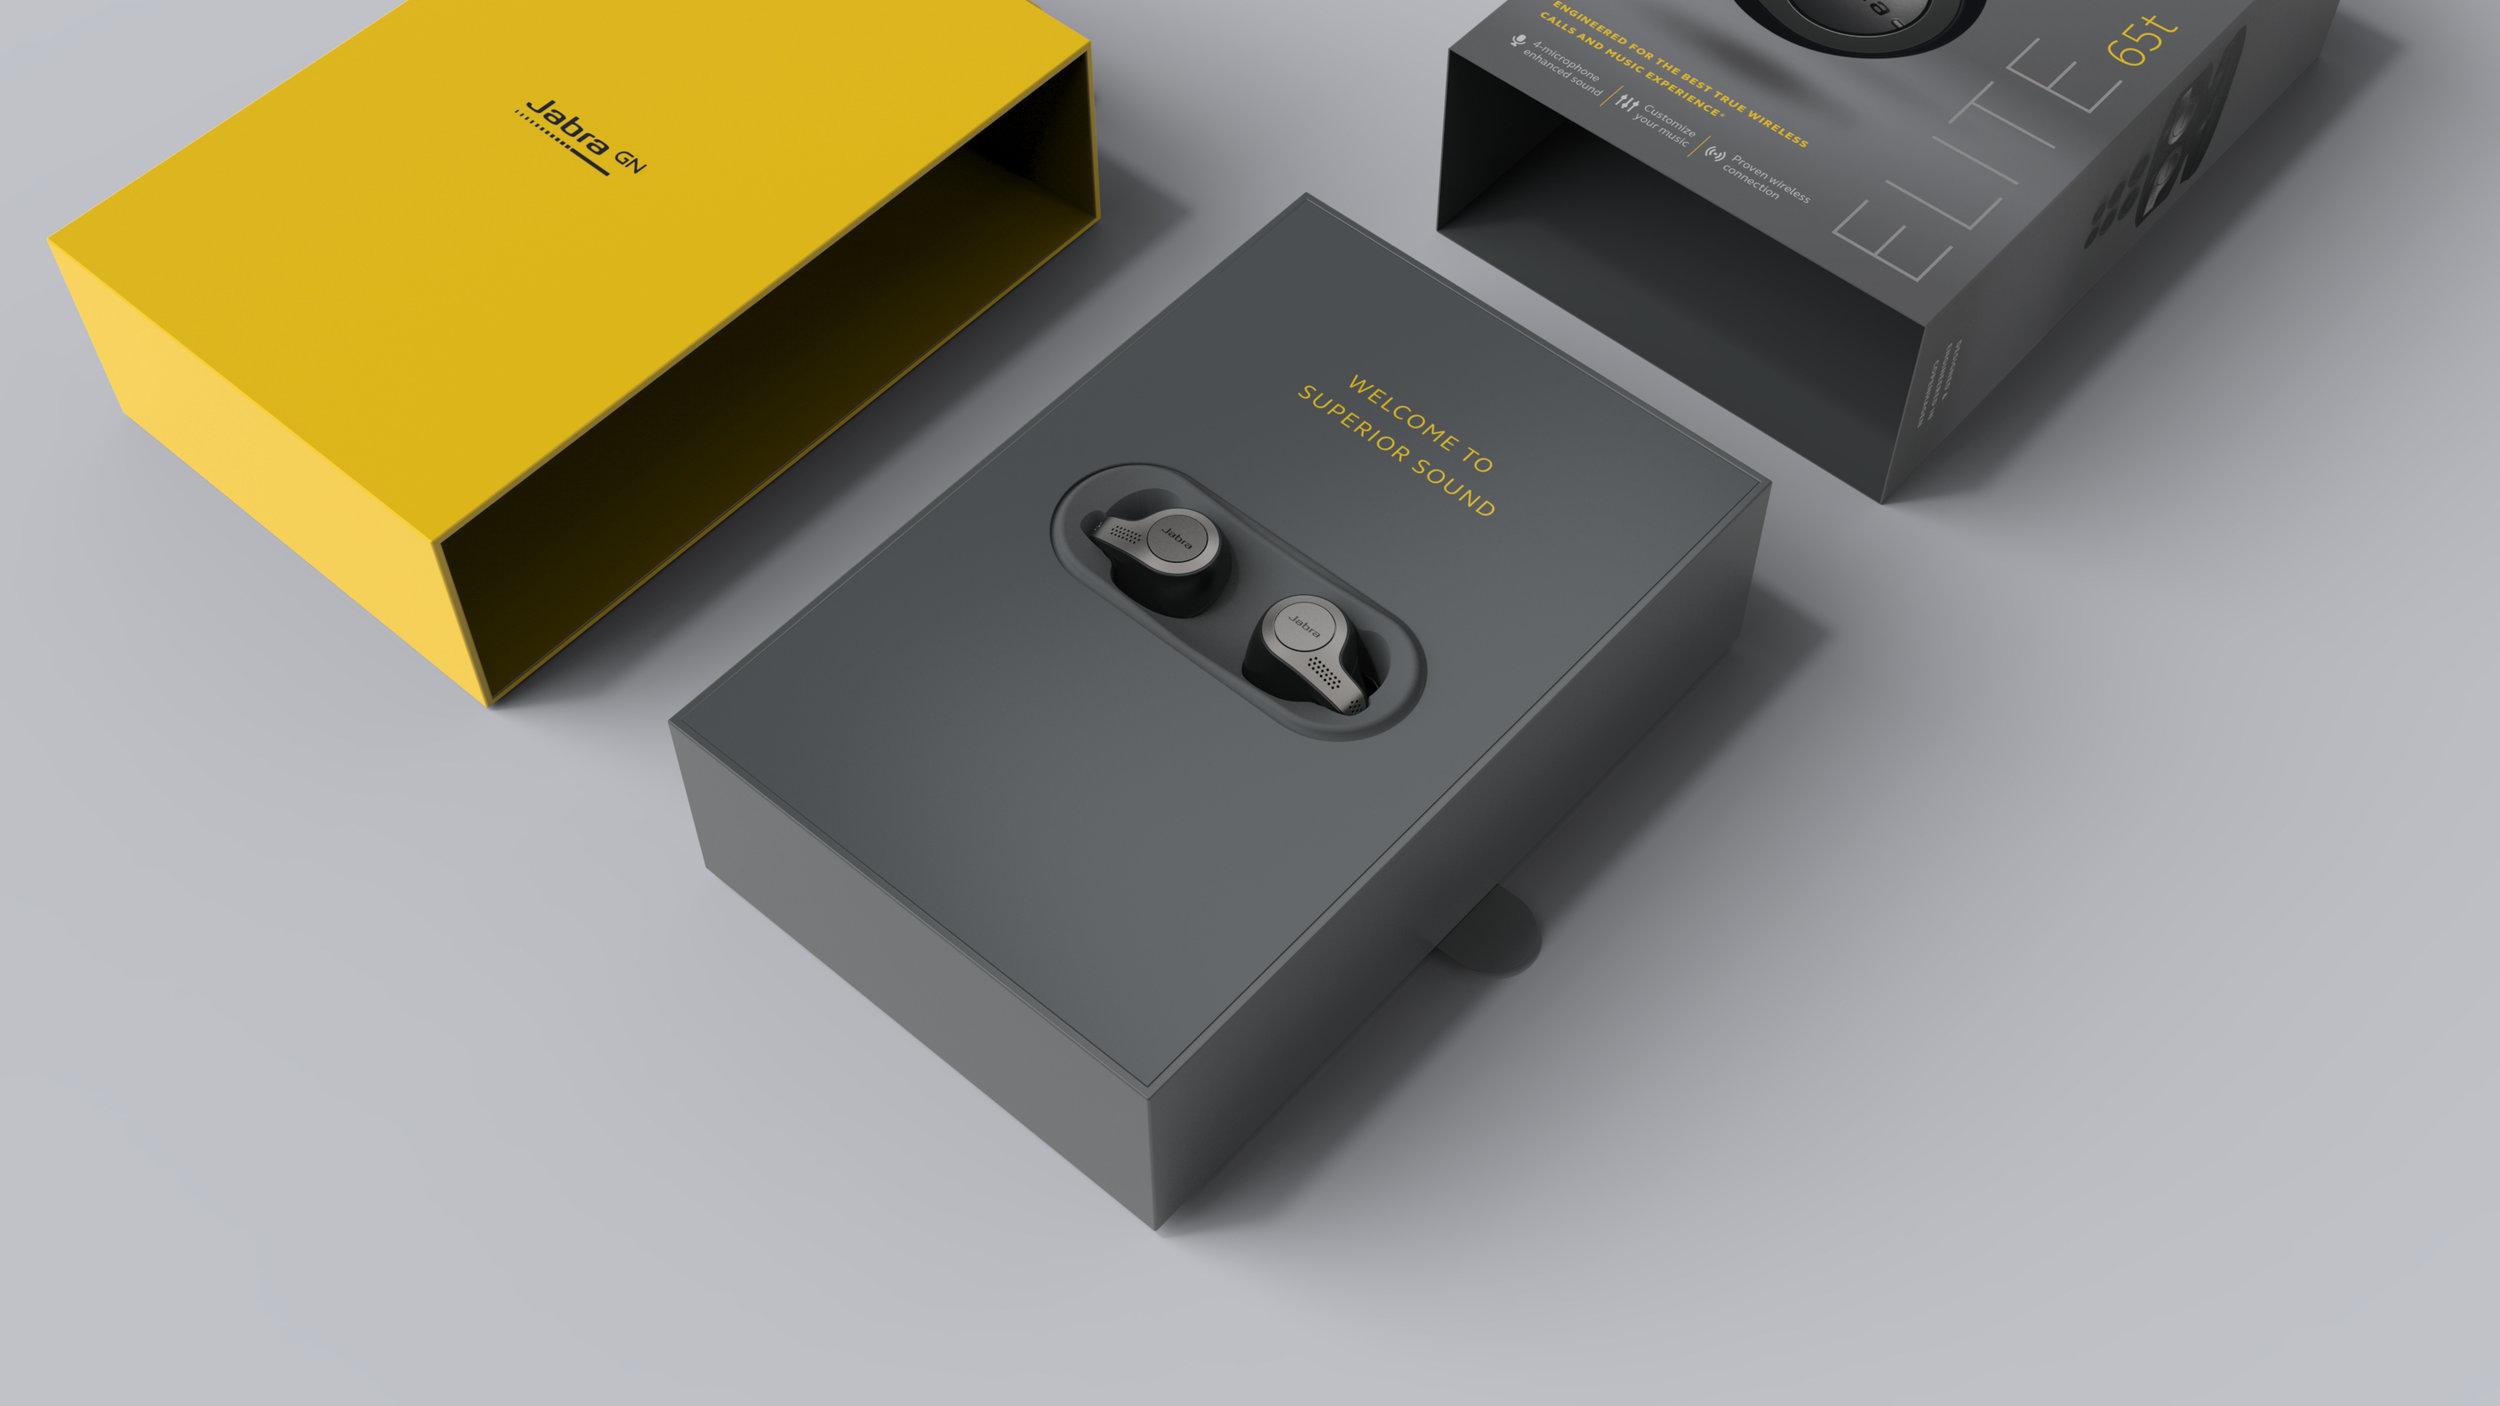 Jabra_Elite65t_Packaging_01.788.jpg